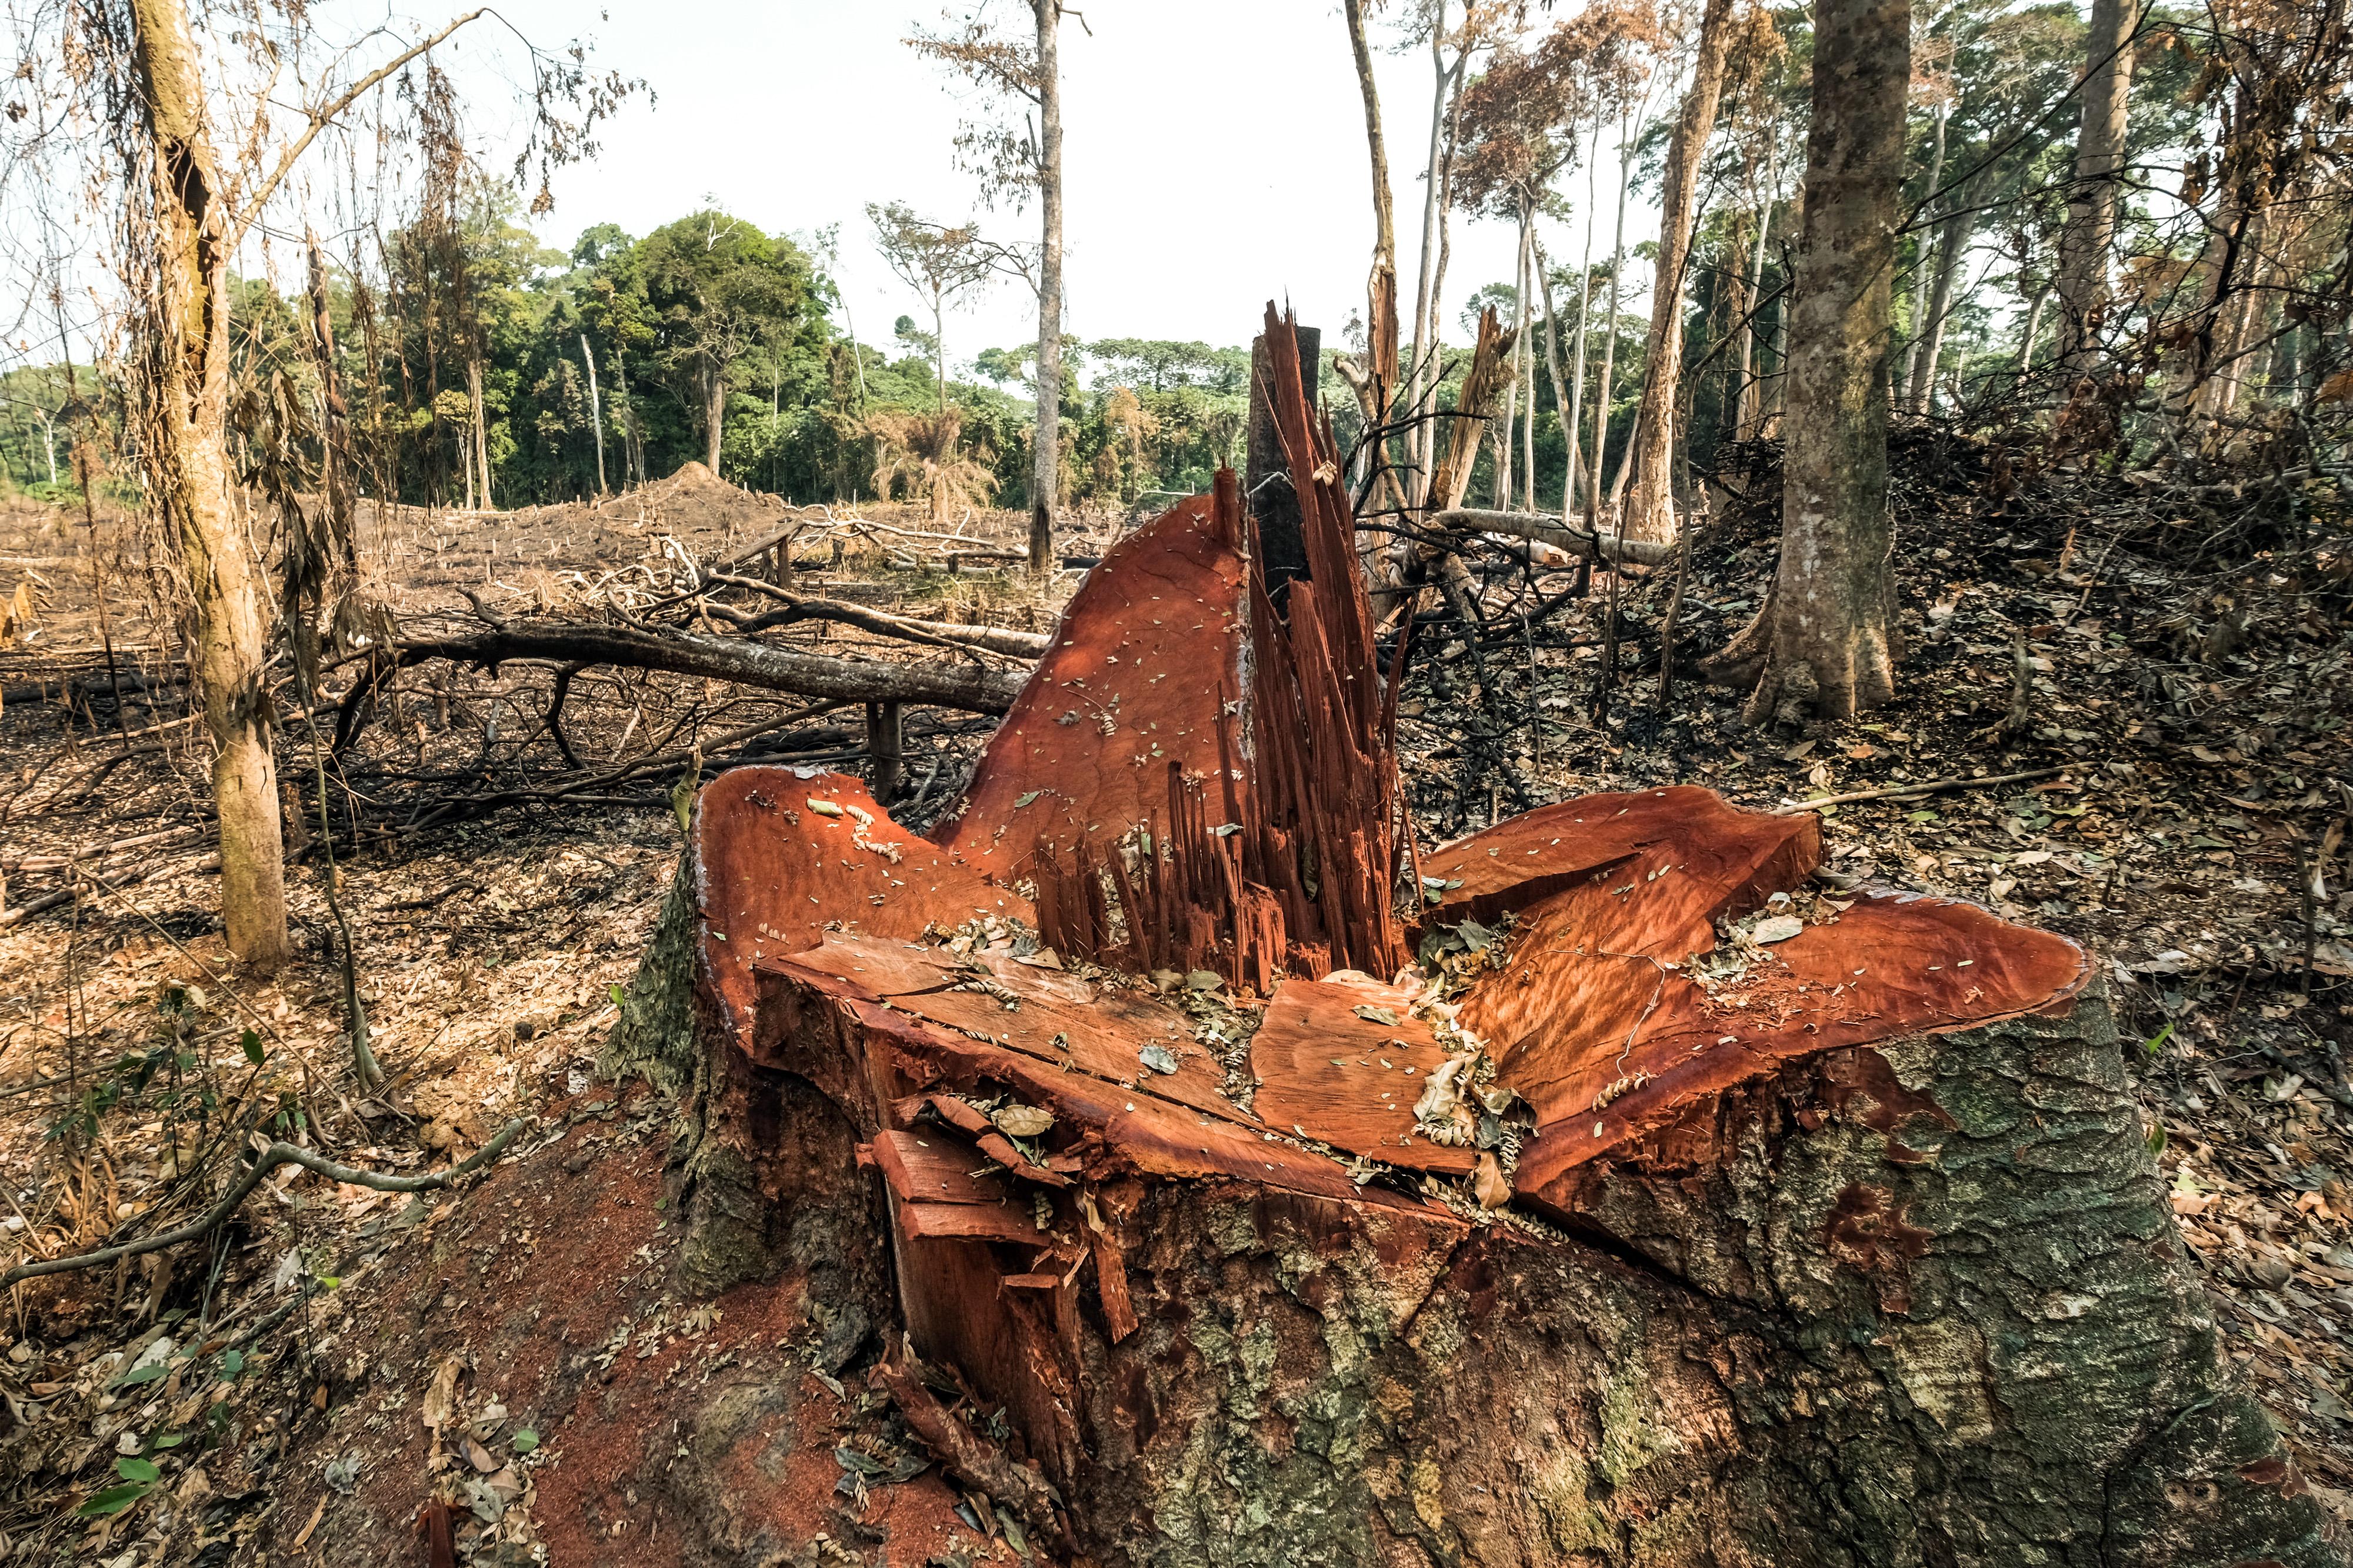 Entwaldung in der Nähe von Yangamba, Demokratische RepublikKongo